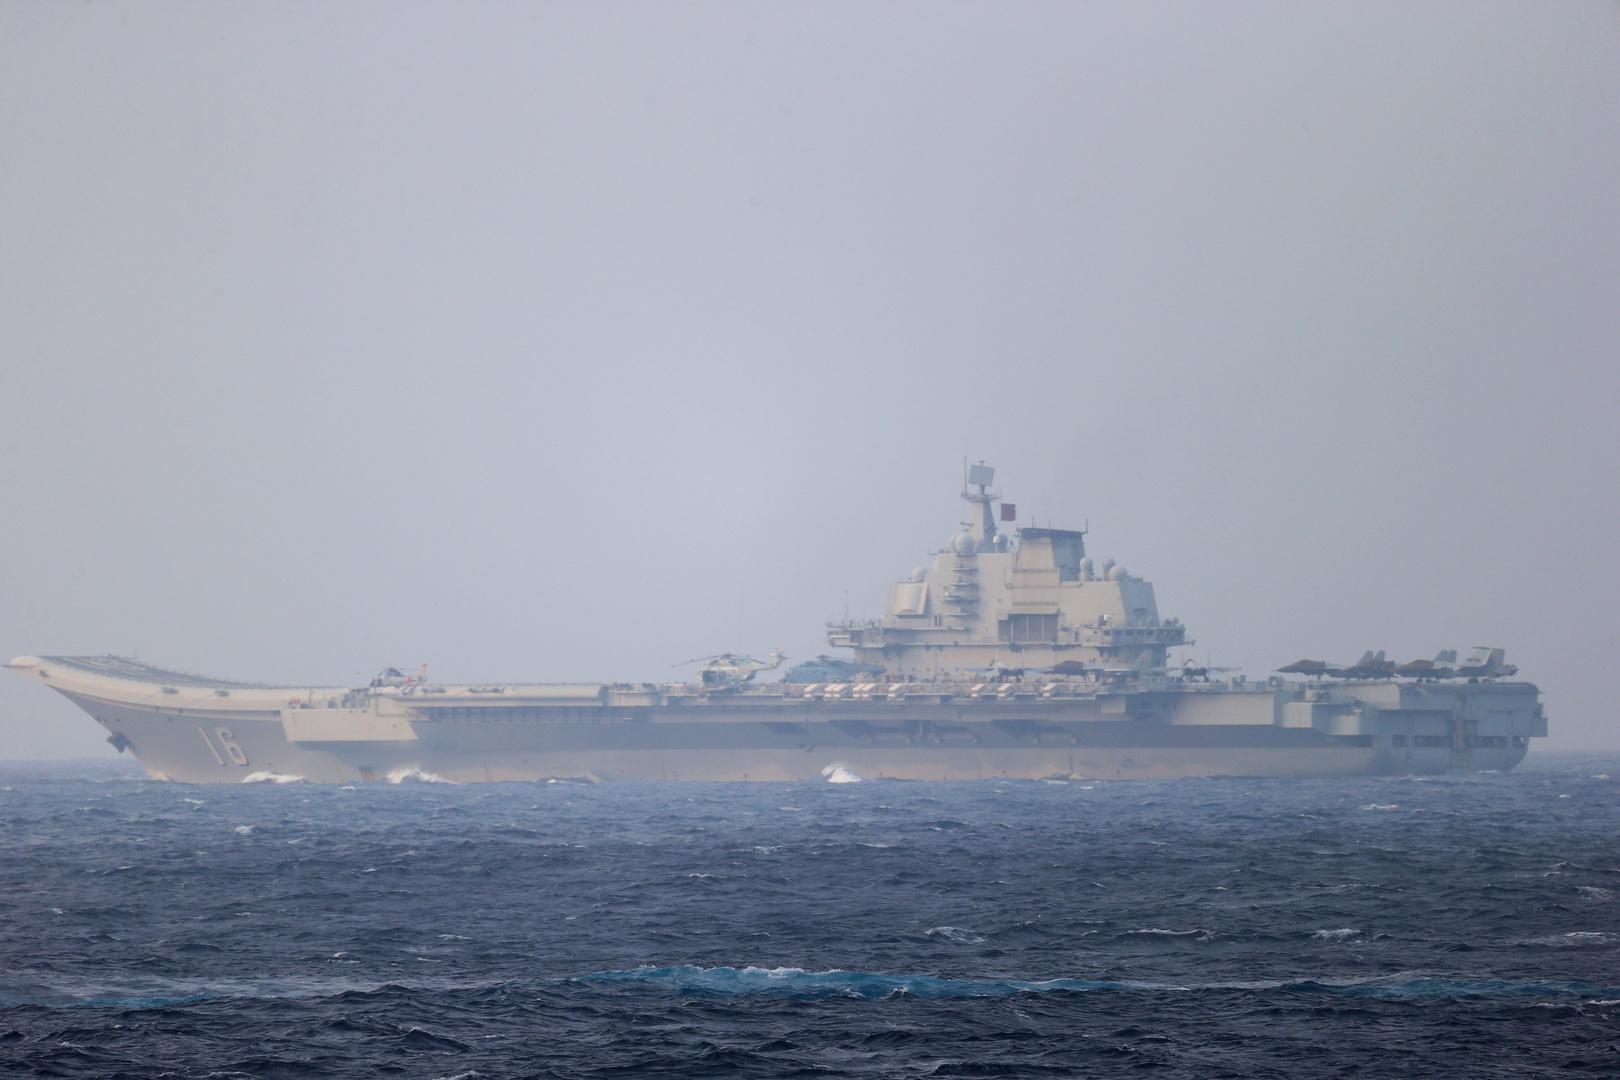 الولايات المتحدة قلقة إزاء النشاط العسكري الصيني حول تايوان